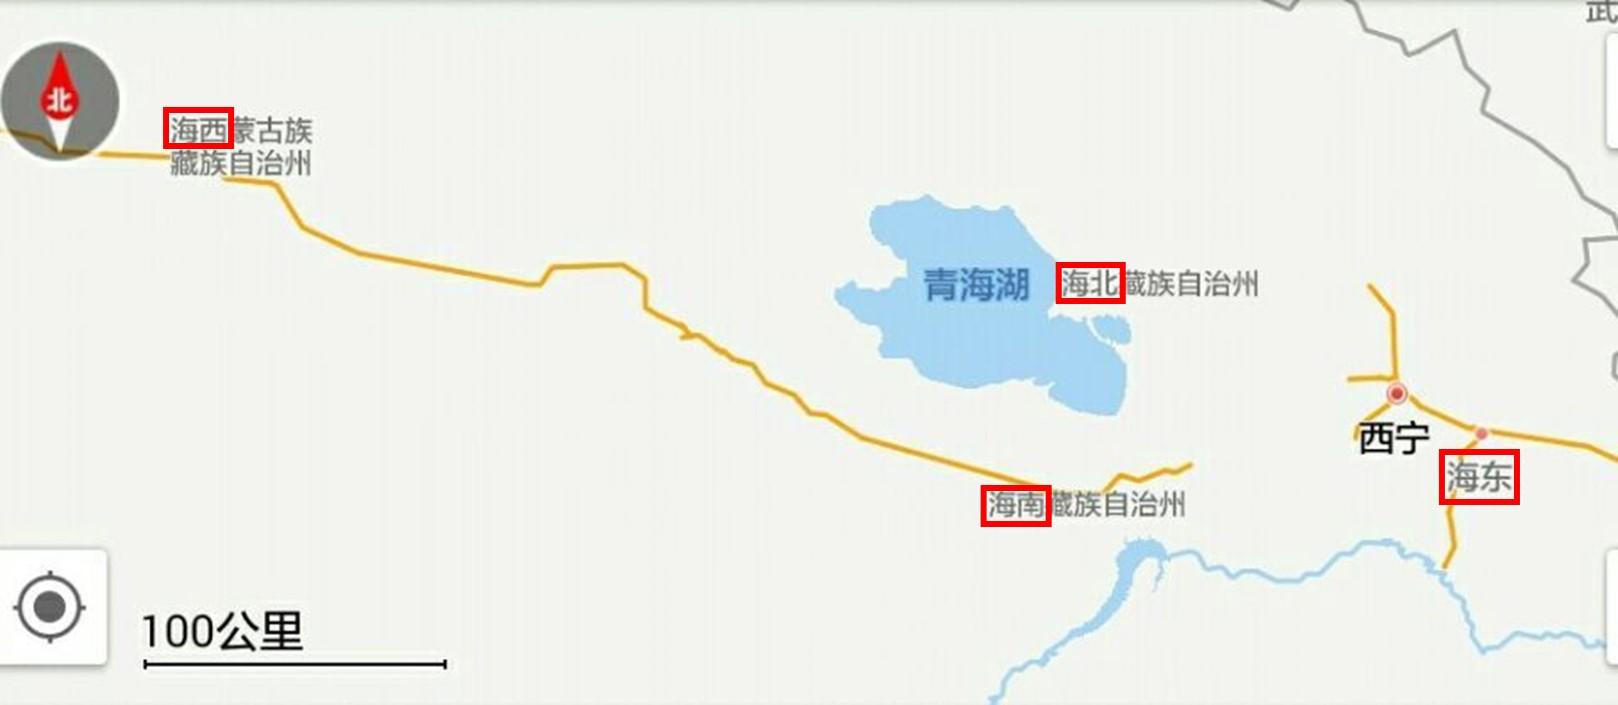 黄河,漂流,独木舟 【连载】黄河陌日漂流--闪米特水眼看世界 青海湖周边城市地图.jpg